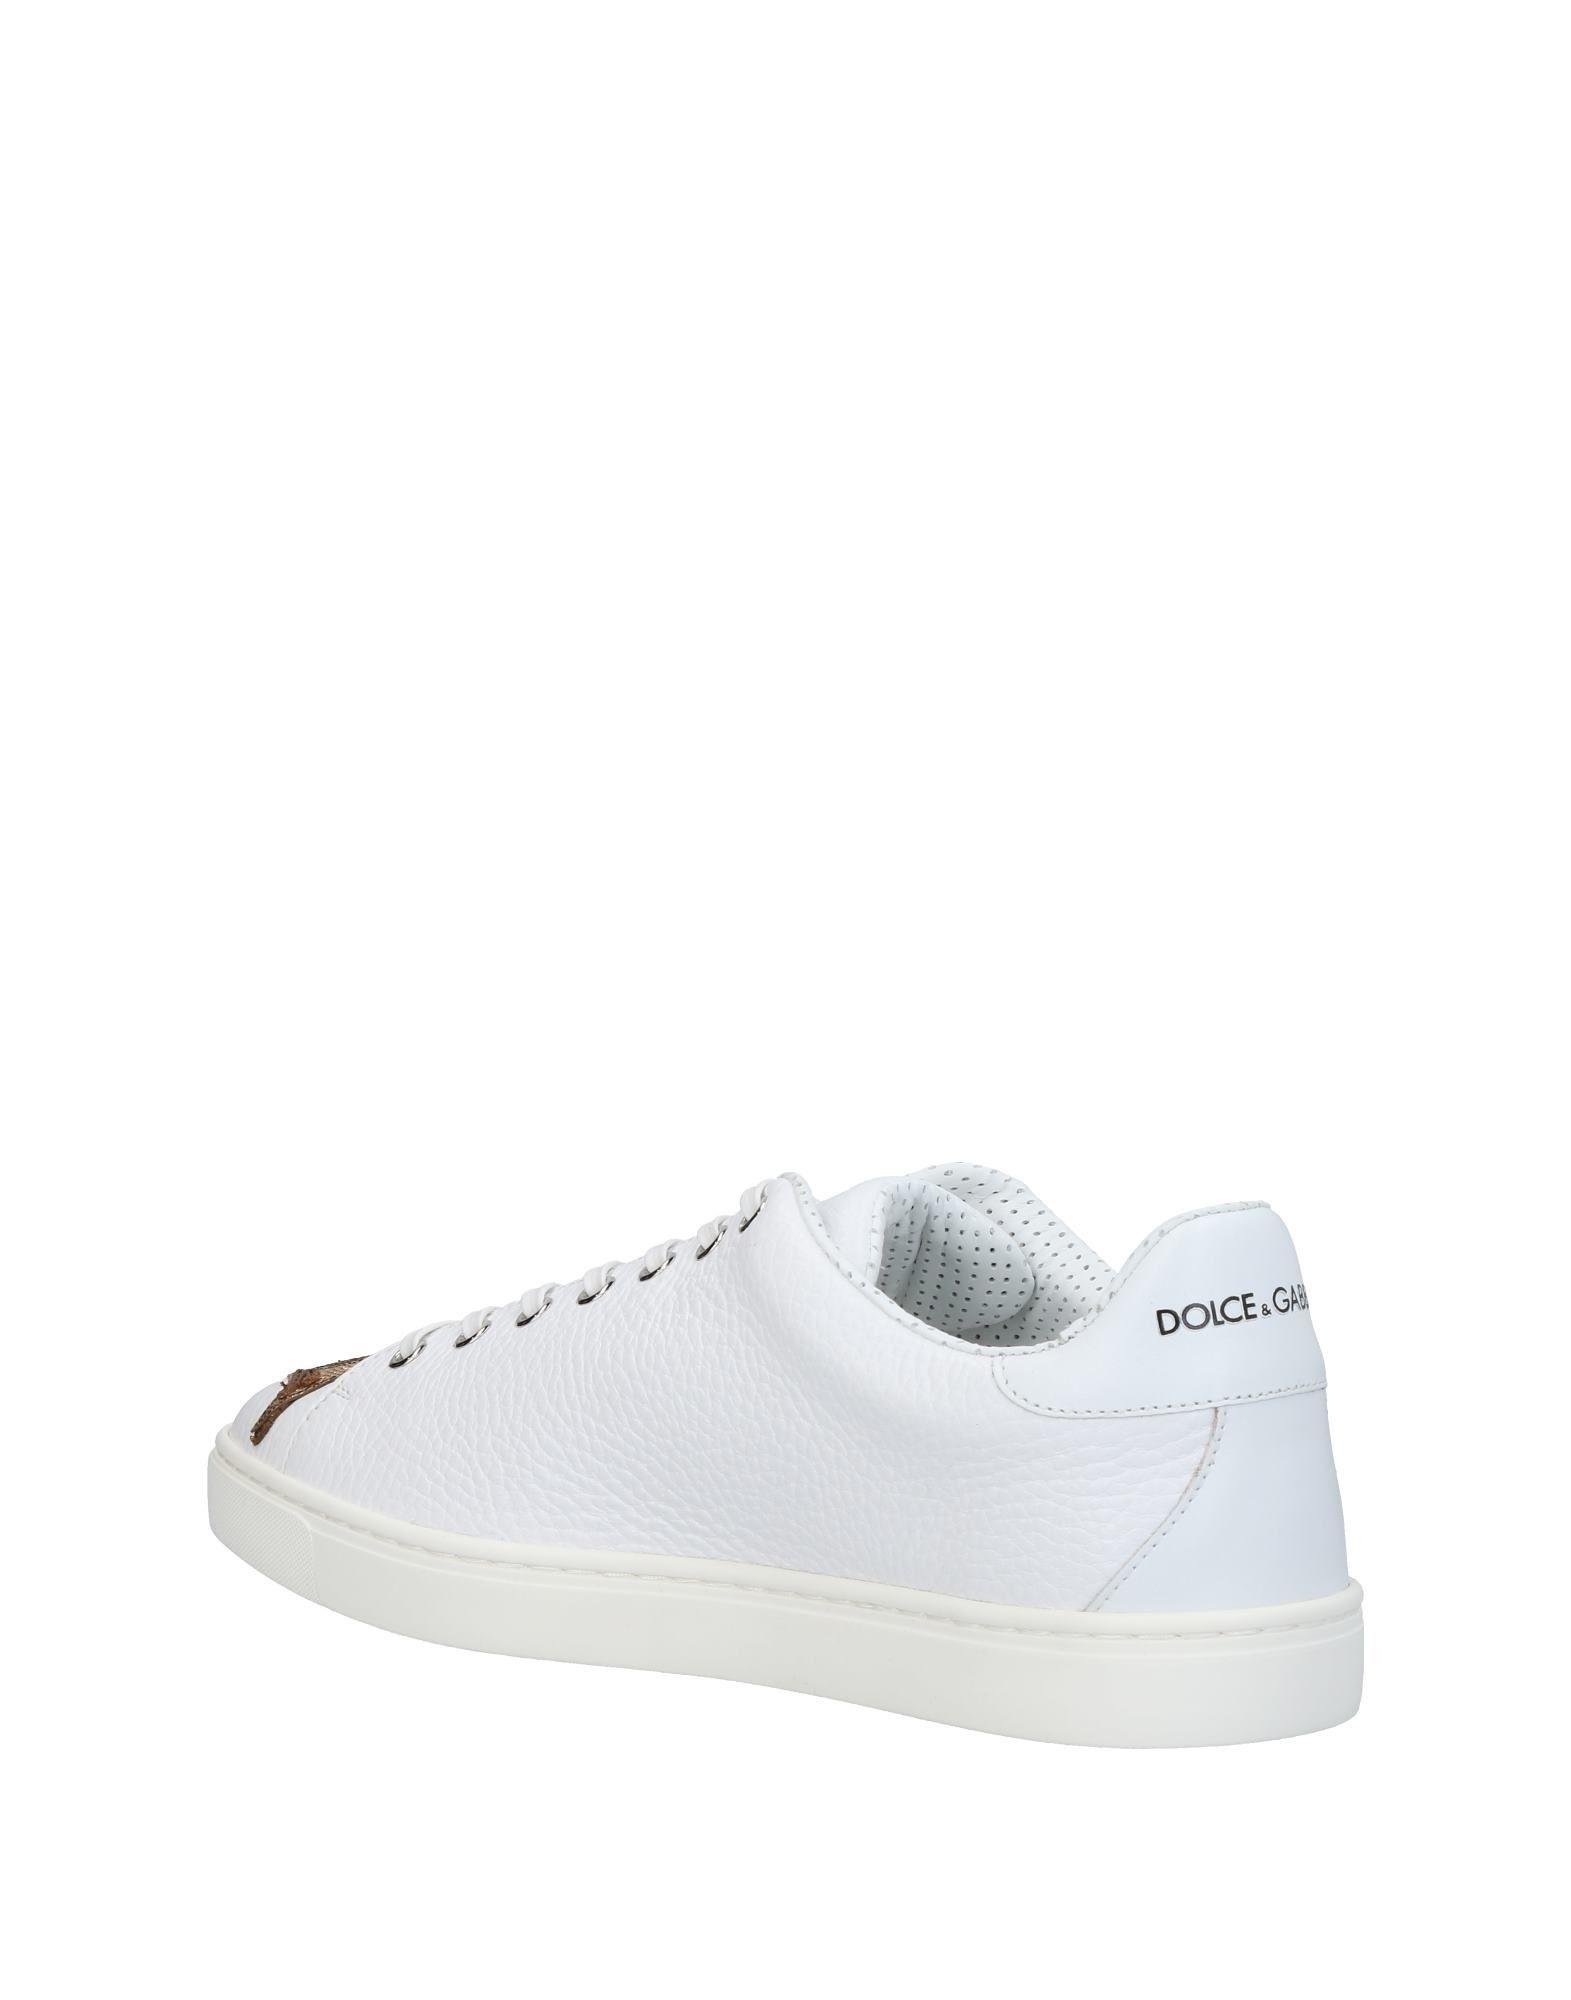 Dolce & Gabbana Sneakers Herren Herren Sneakers  11349627NK 7c5f38